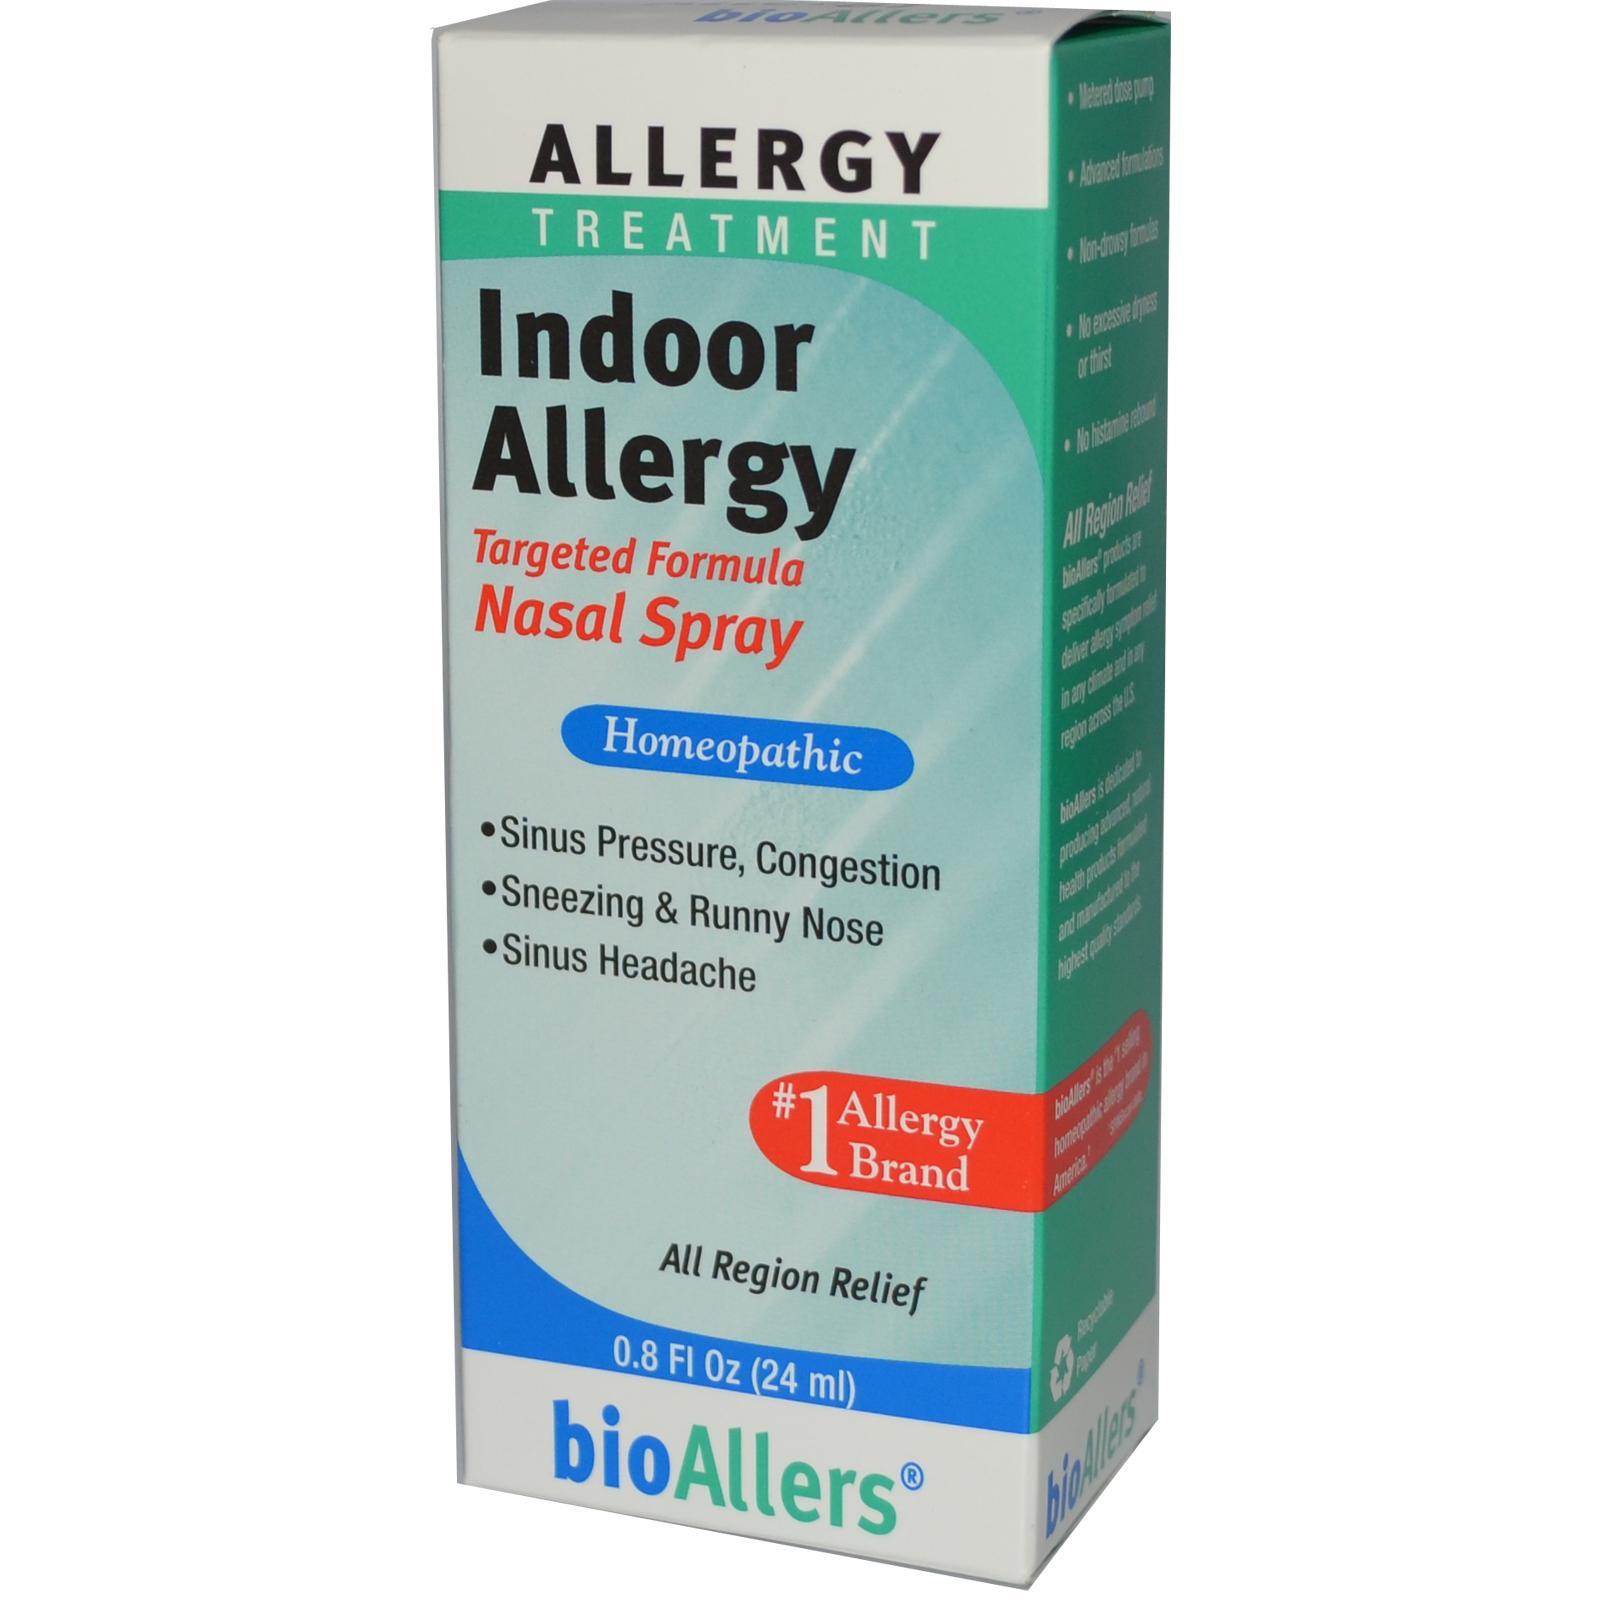 BioAllers Indoor Allergy Nasal Spray đặc trị các triệu chứng khó chịu do đường hô hấp gây ra